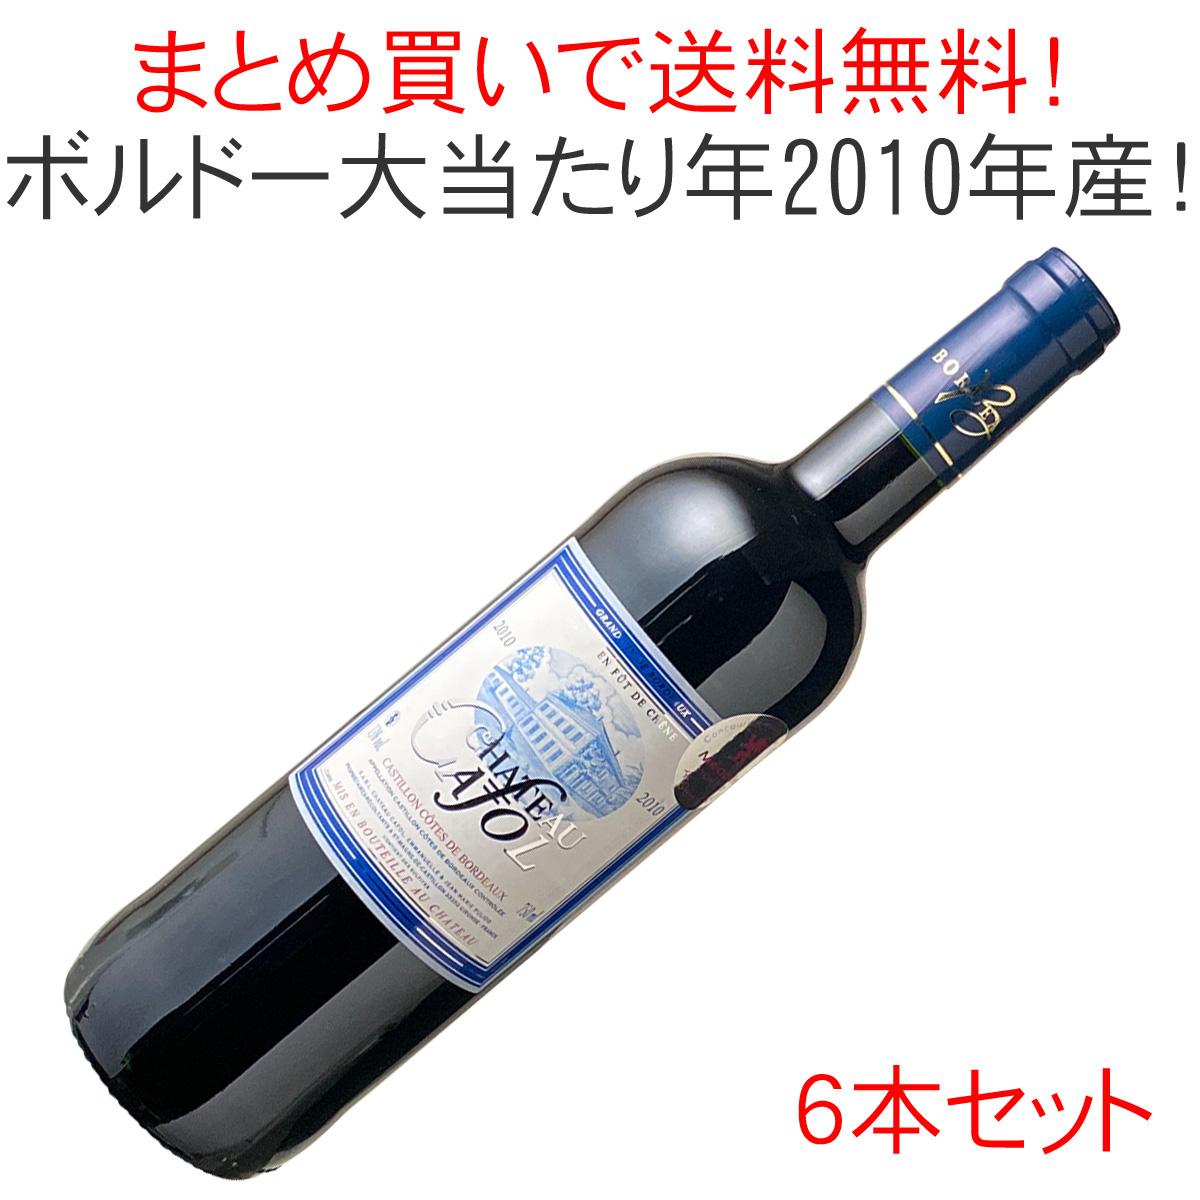 【送料無料】シャトー・カフォル [2010] 1ケース6本セット <赤> <ワイン/ボルドー>